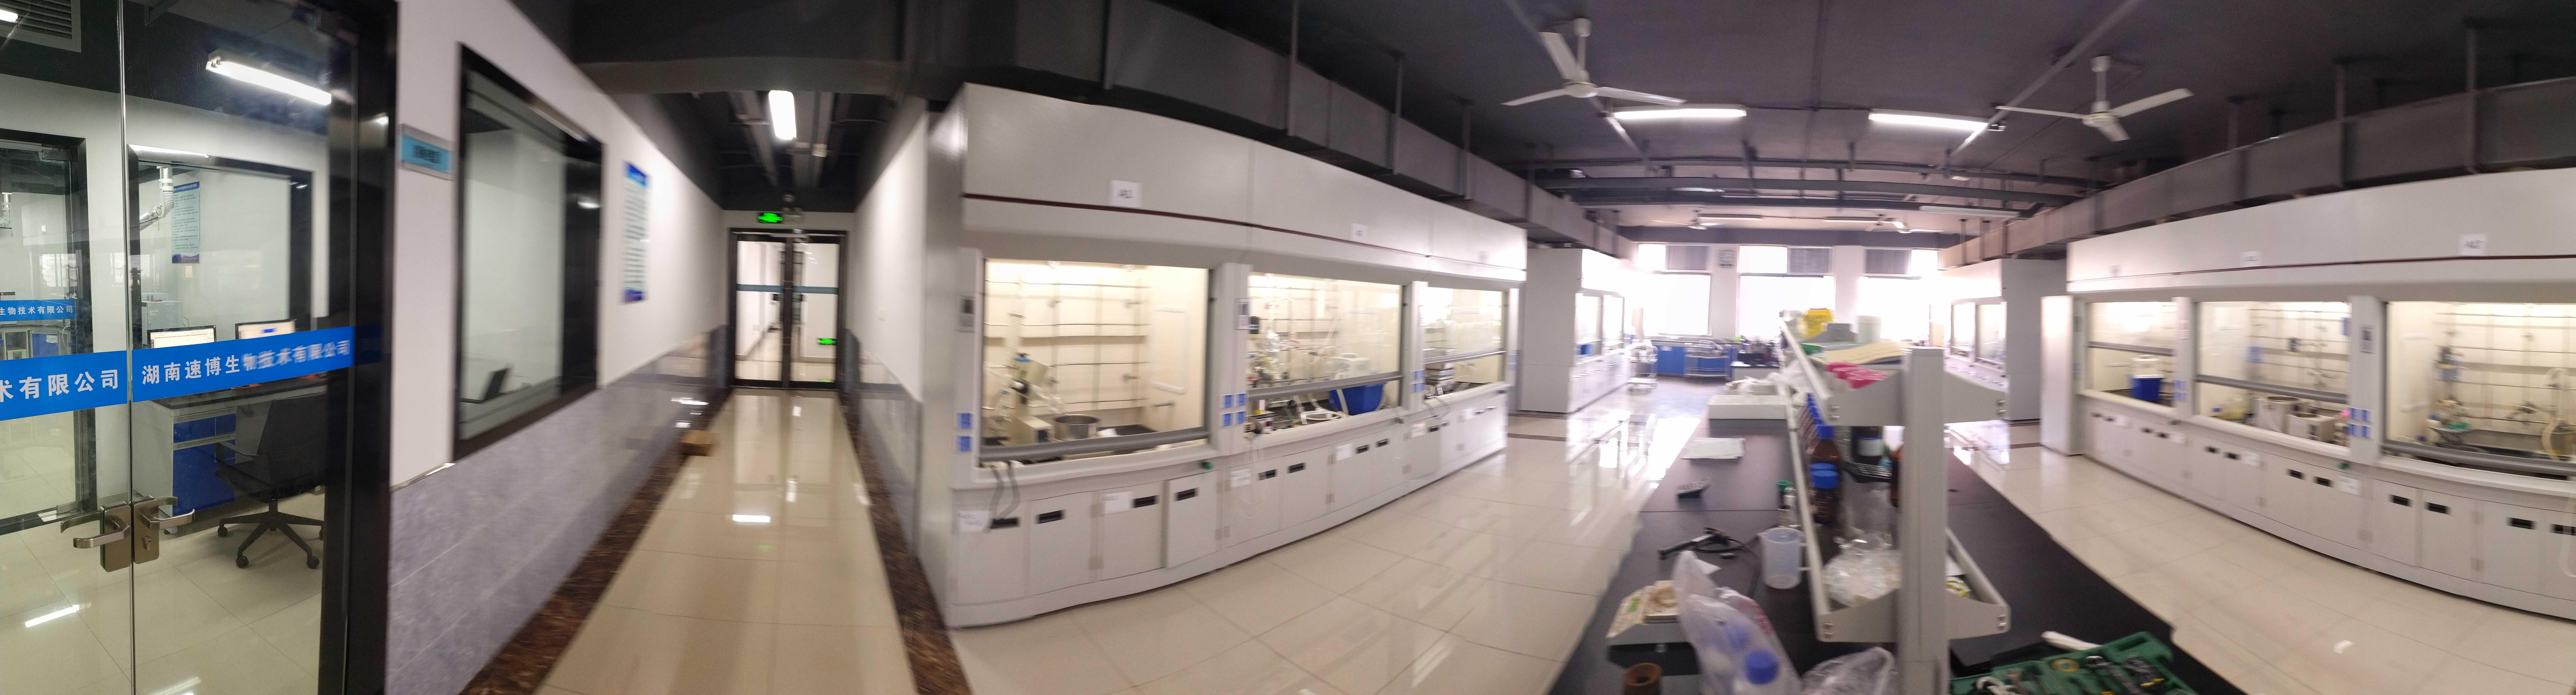 长沙研究院